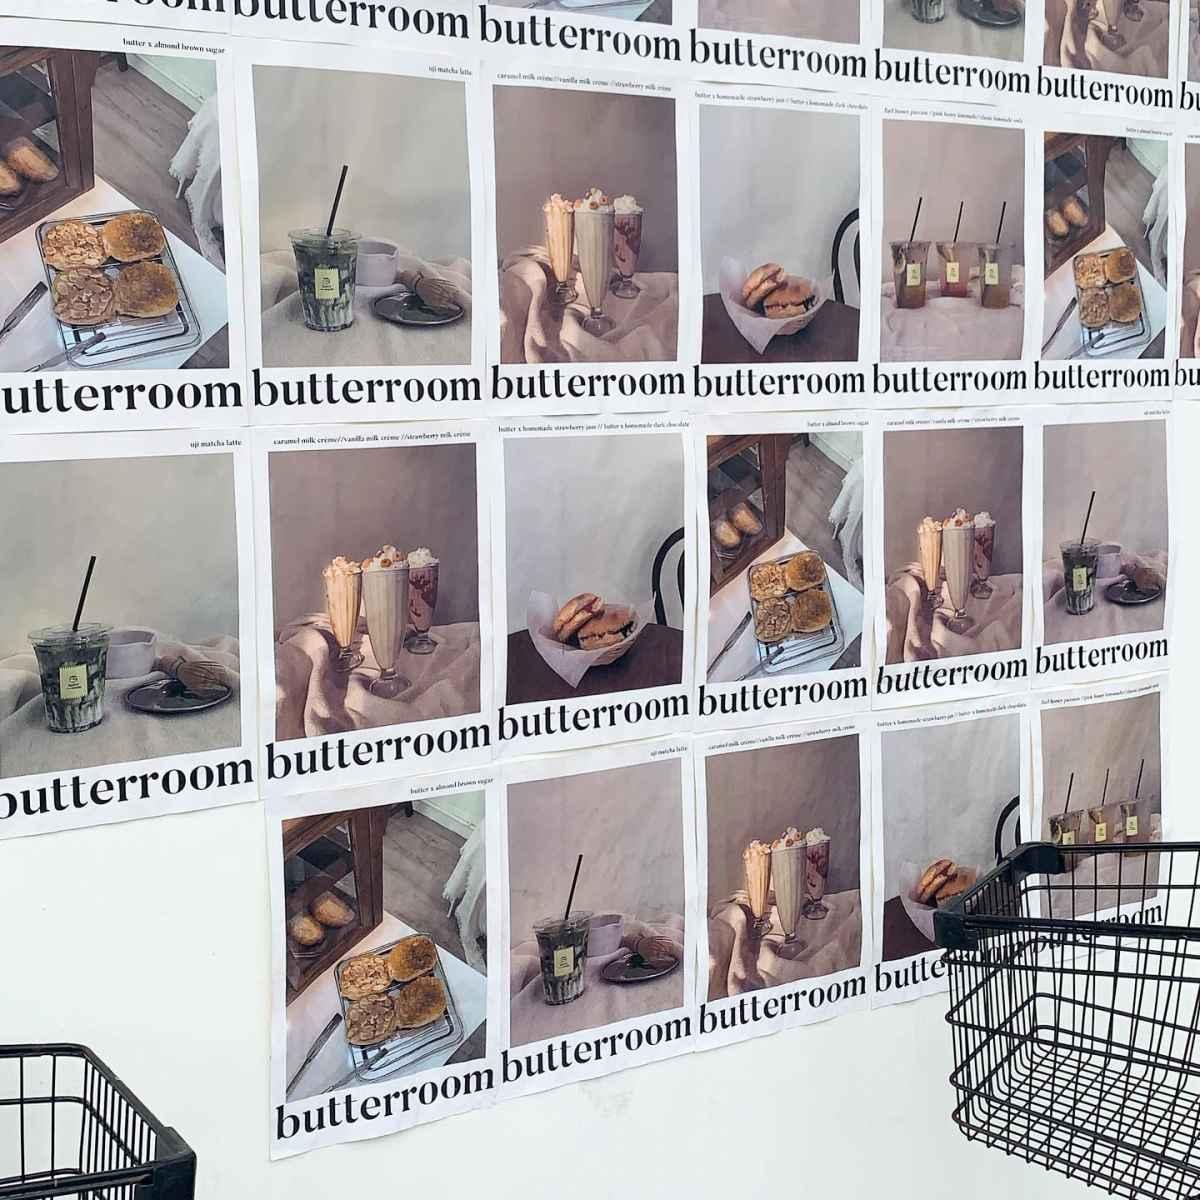 cafe butter room